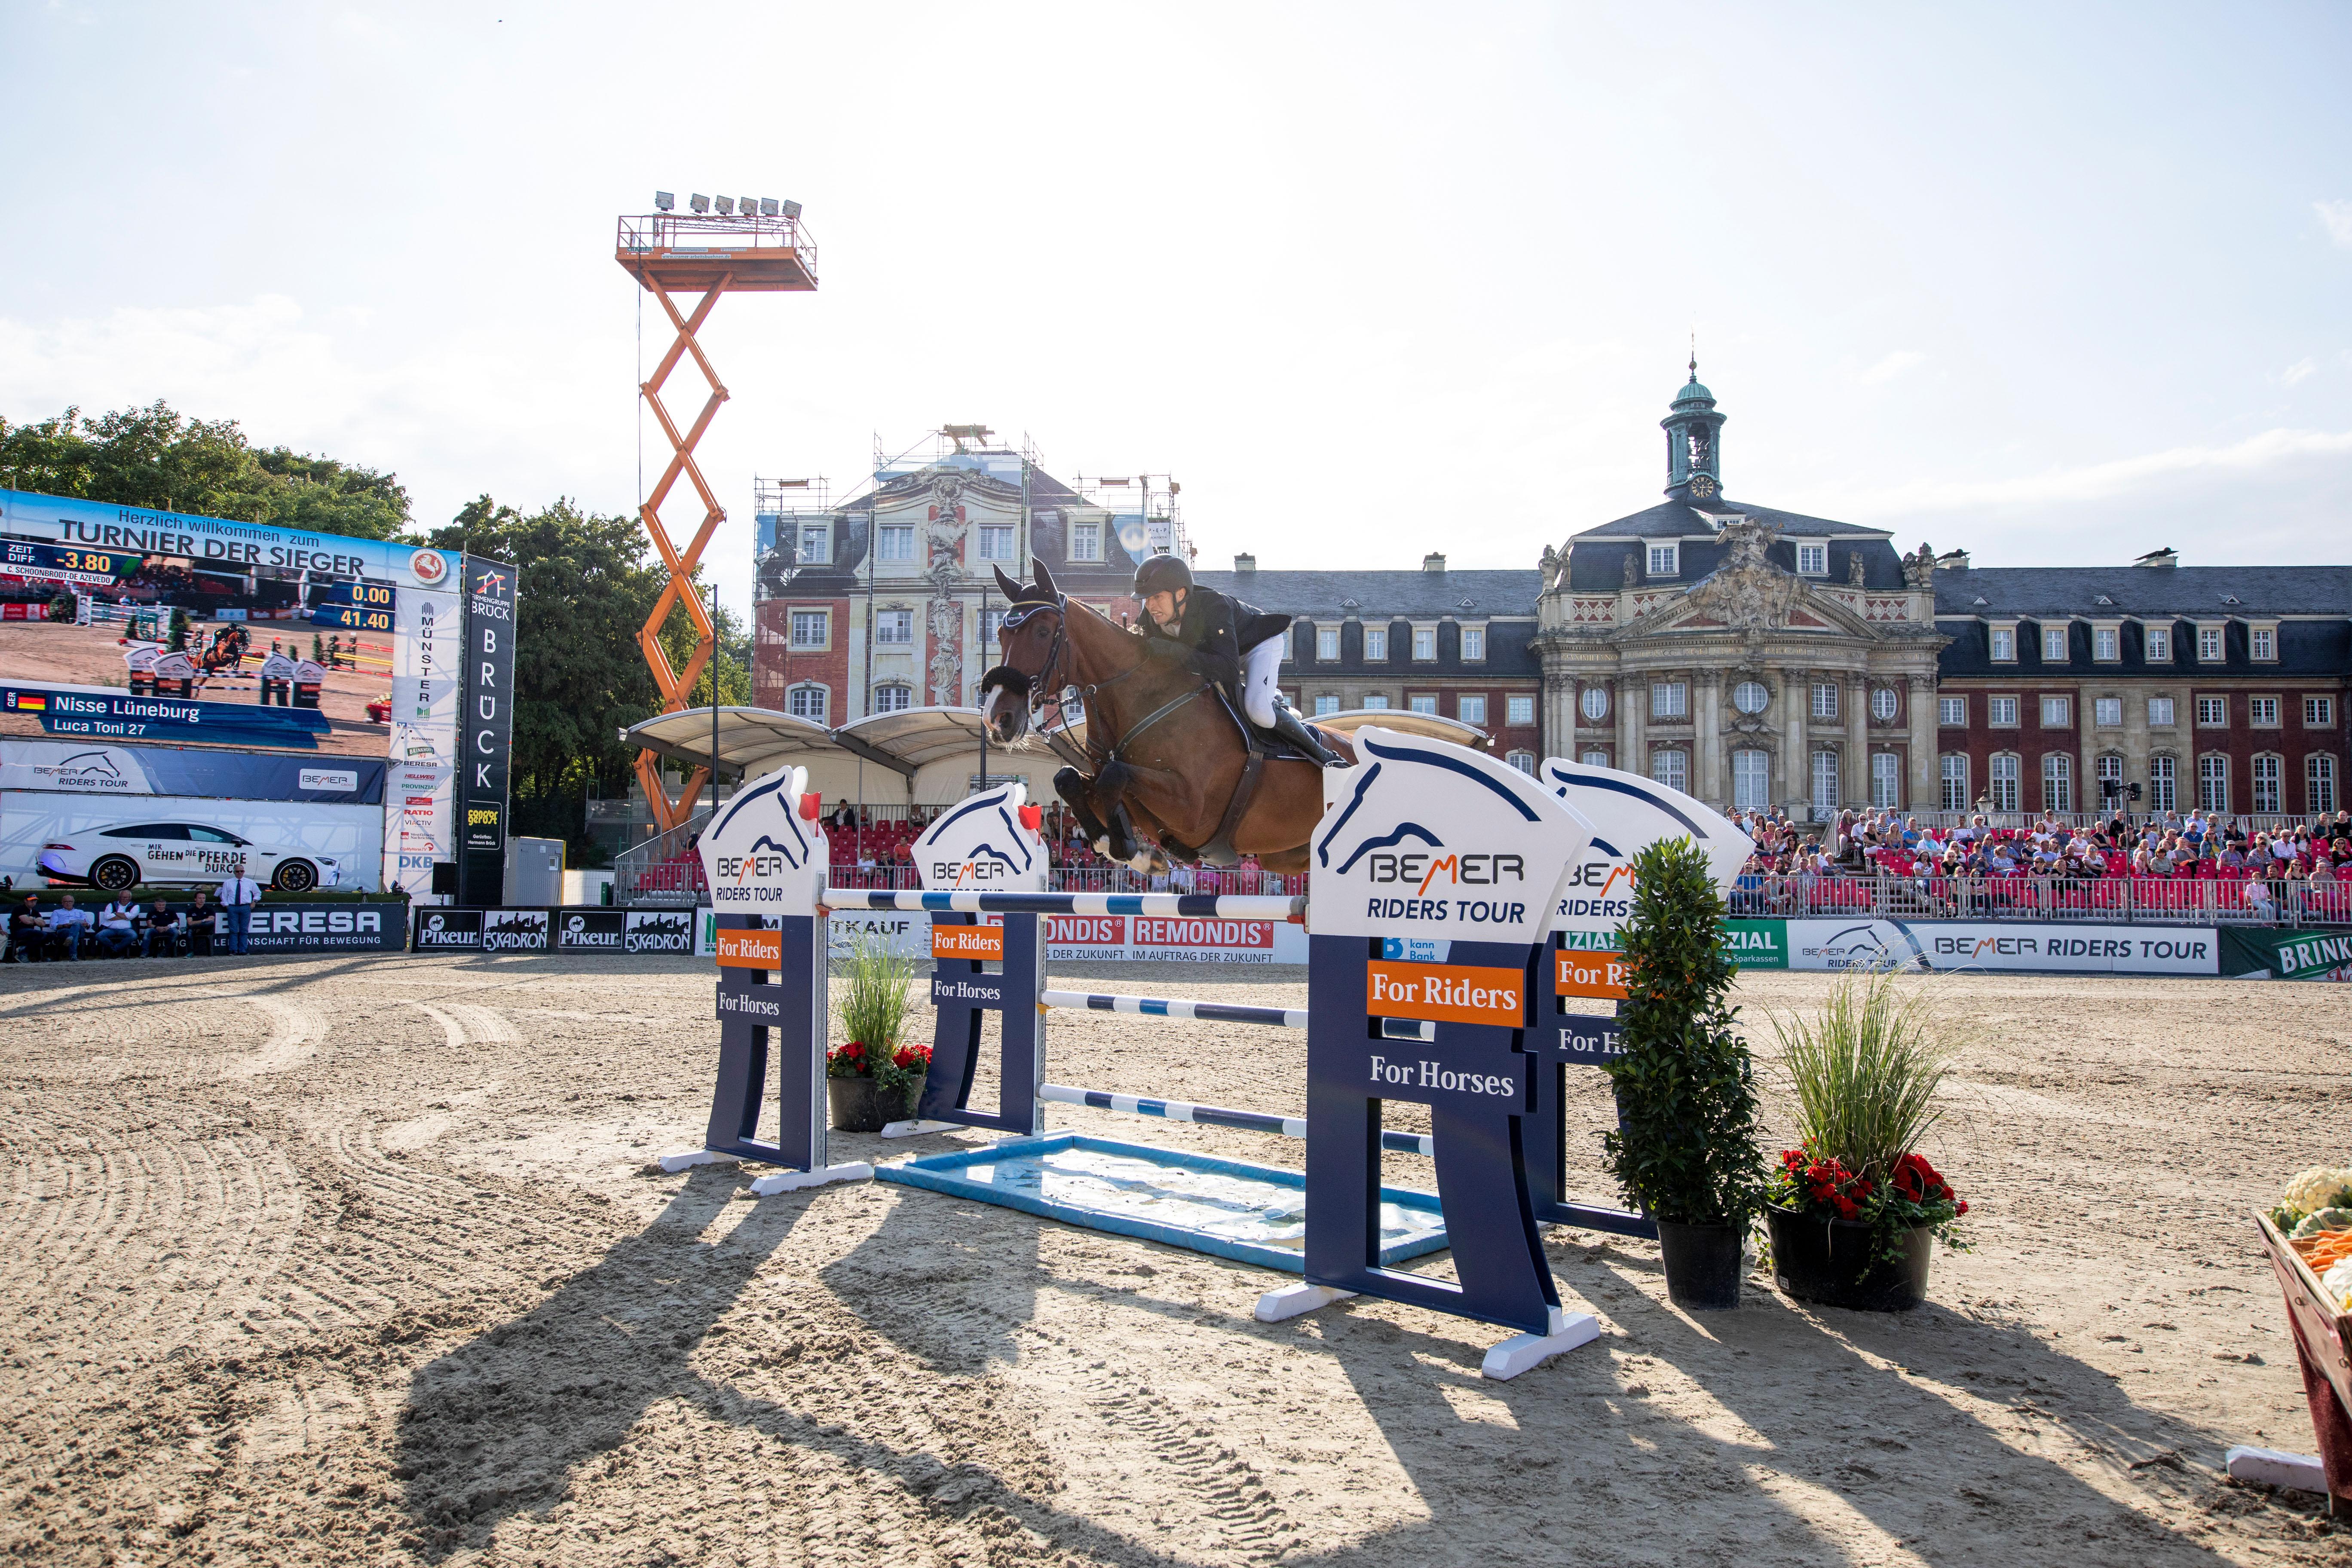 Rankingspitze gewinnt Qualifikation zur BEMER Riders Tour in Münster